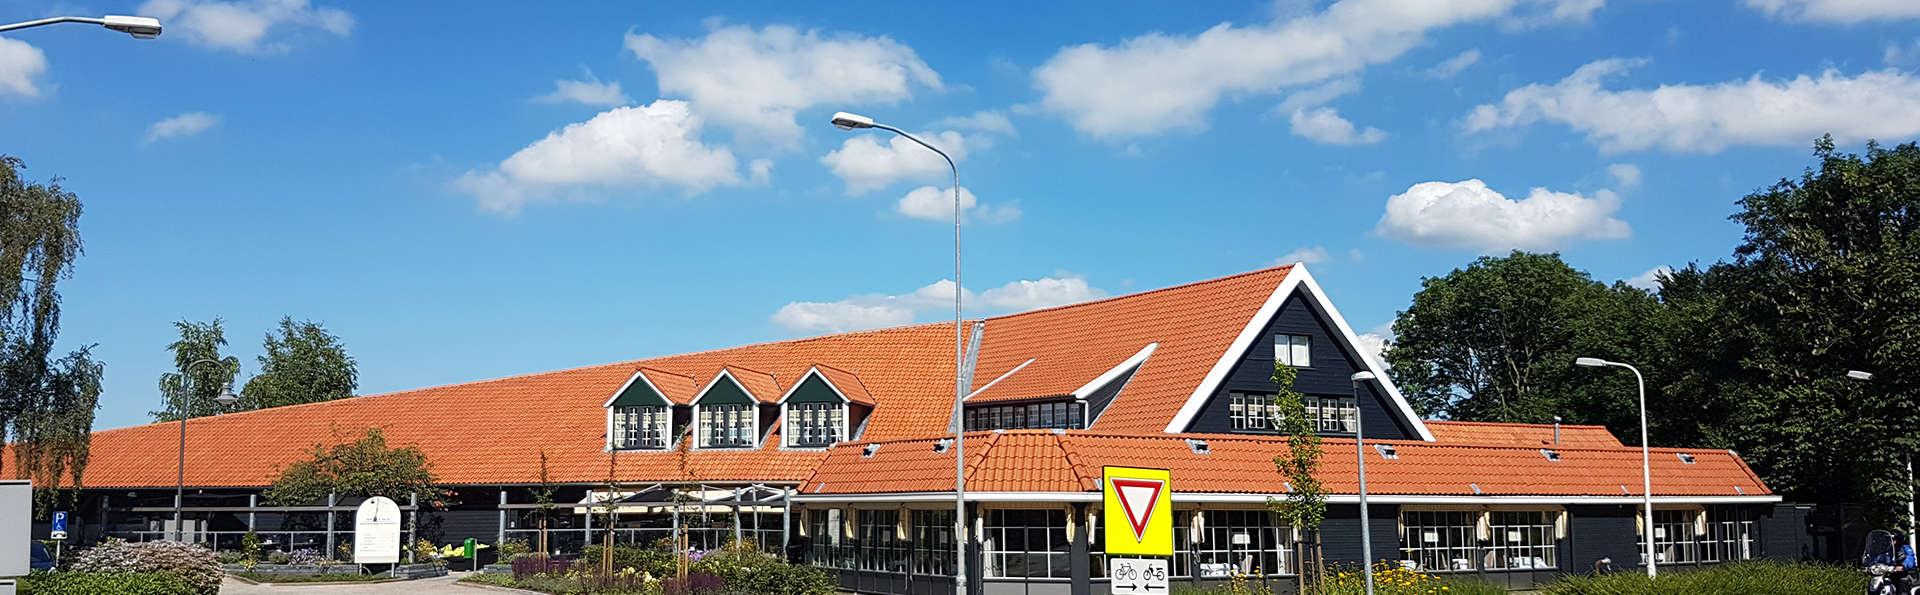 Van der Valk Groningen - Westerbroek - EDIT_NEW_front1.jpg